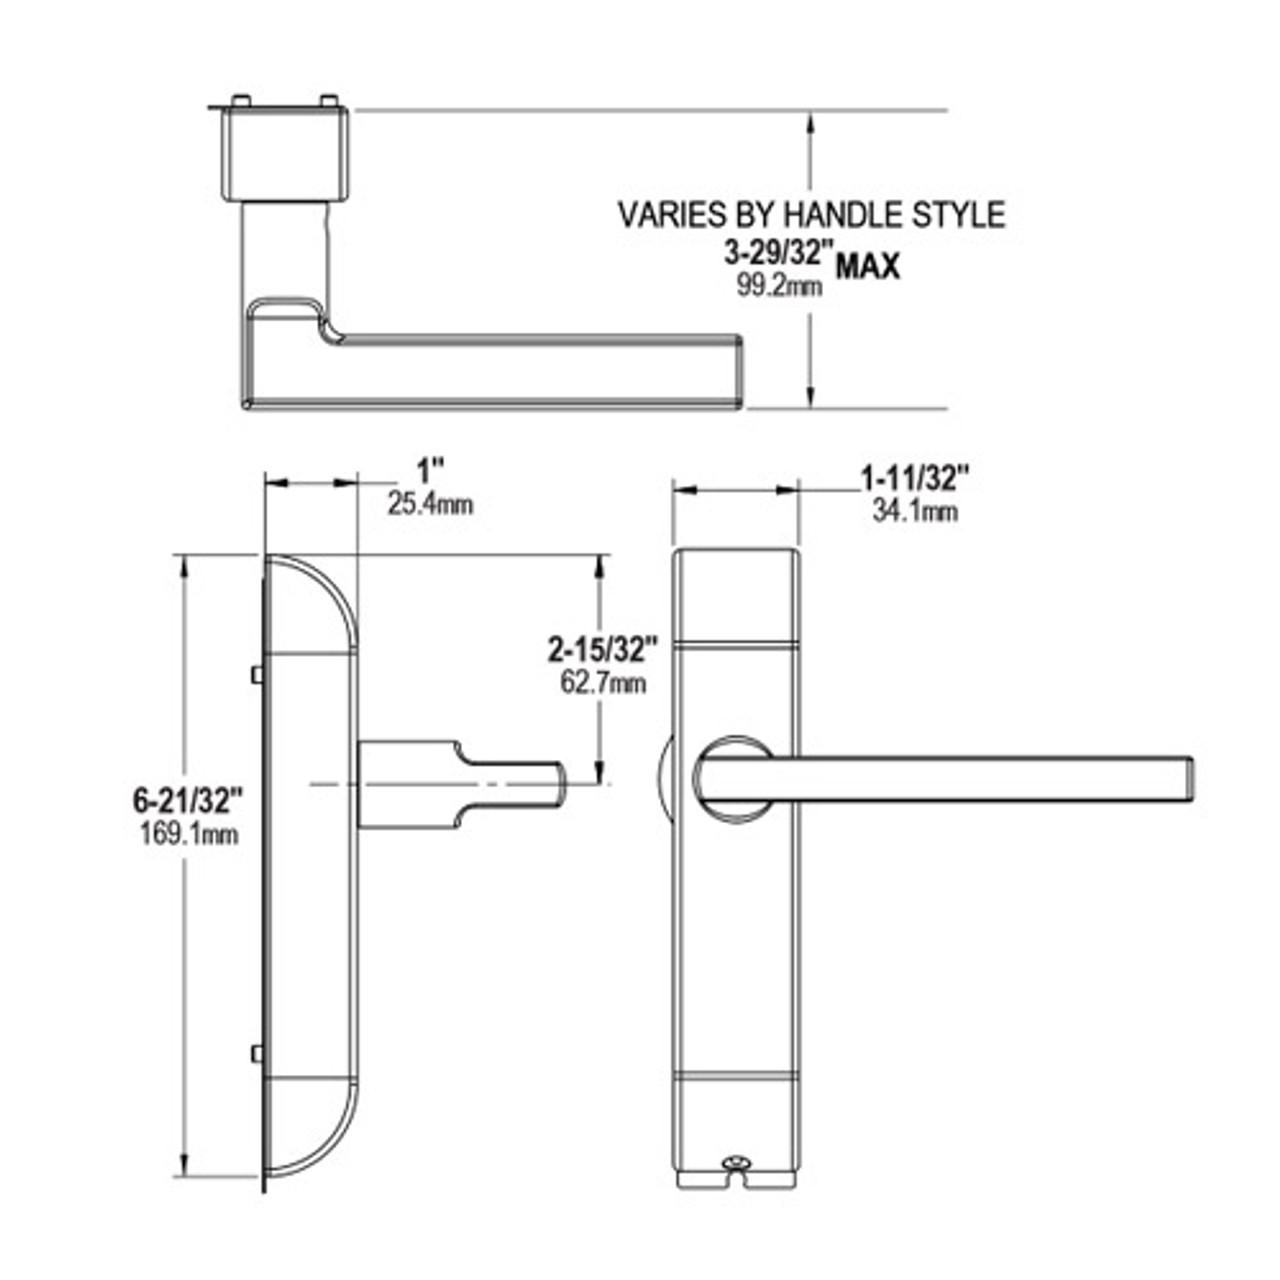 4600-MN-631-US10B Adams Rite MN Designer handle Dimensional View